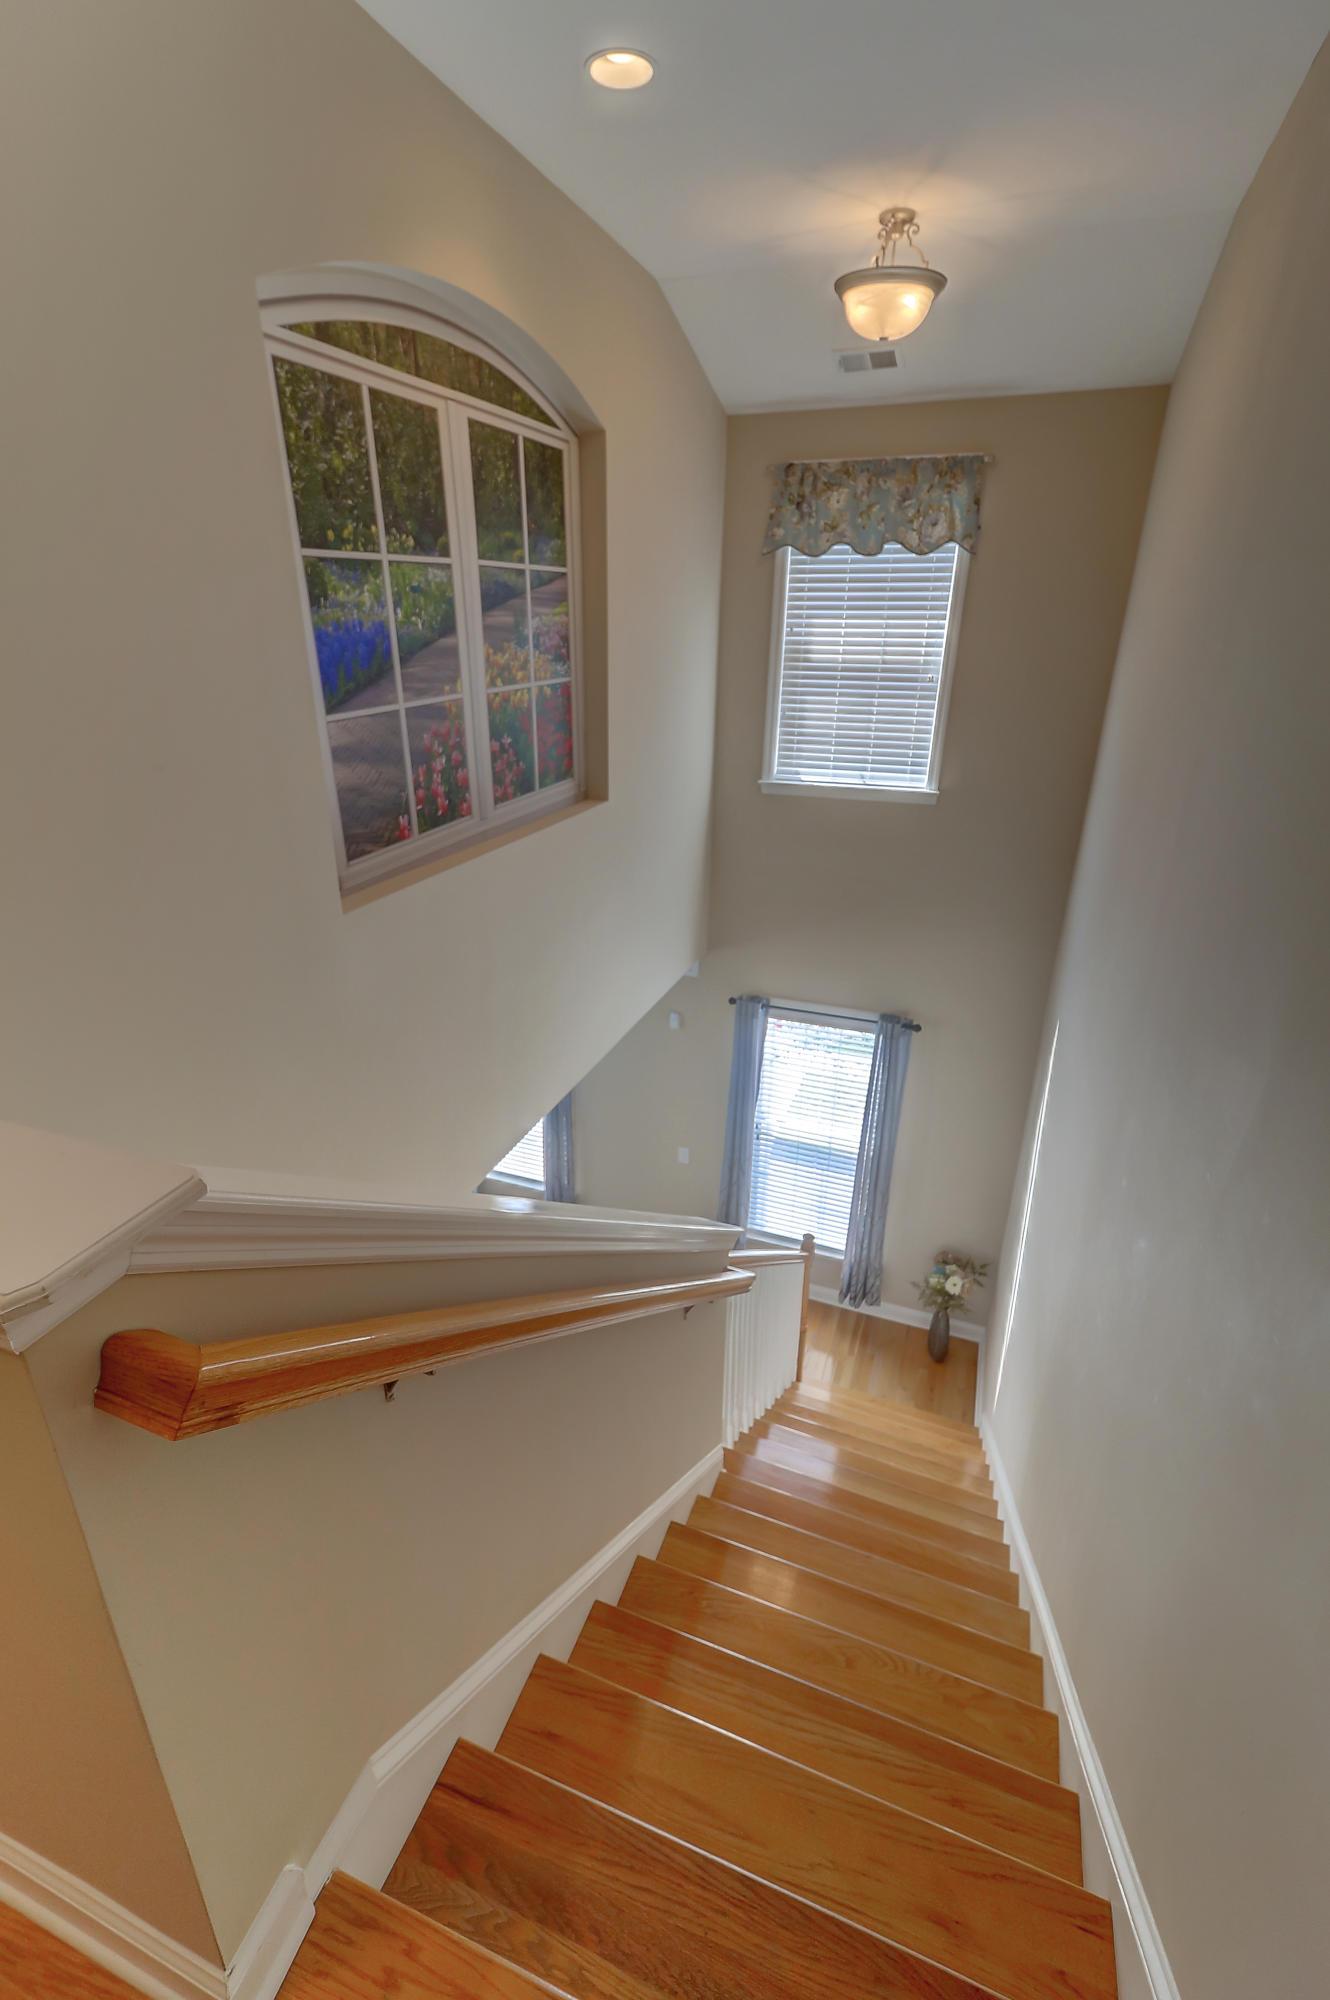 Dunes West Homes For Sale - 112 Palm Cove, Mount Pleasant, SC - 59